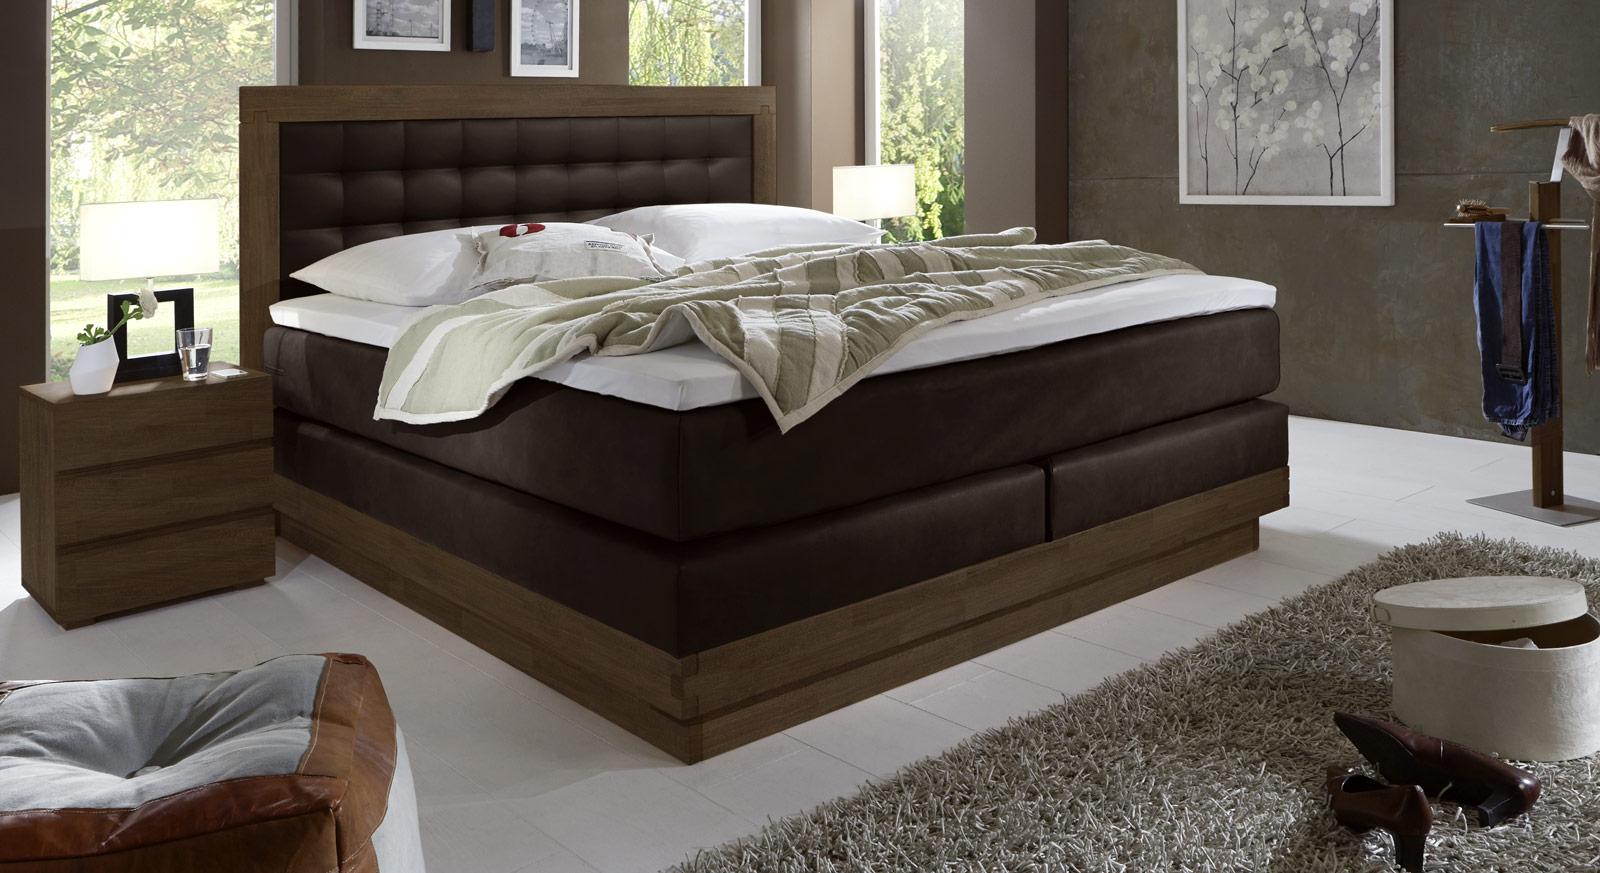 Boxspringbett aus kernbuche mit luxus kunstleder olbiano for Schlafzimmer dunkelbraun